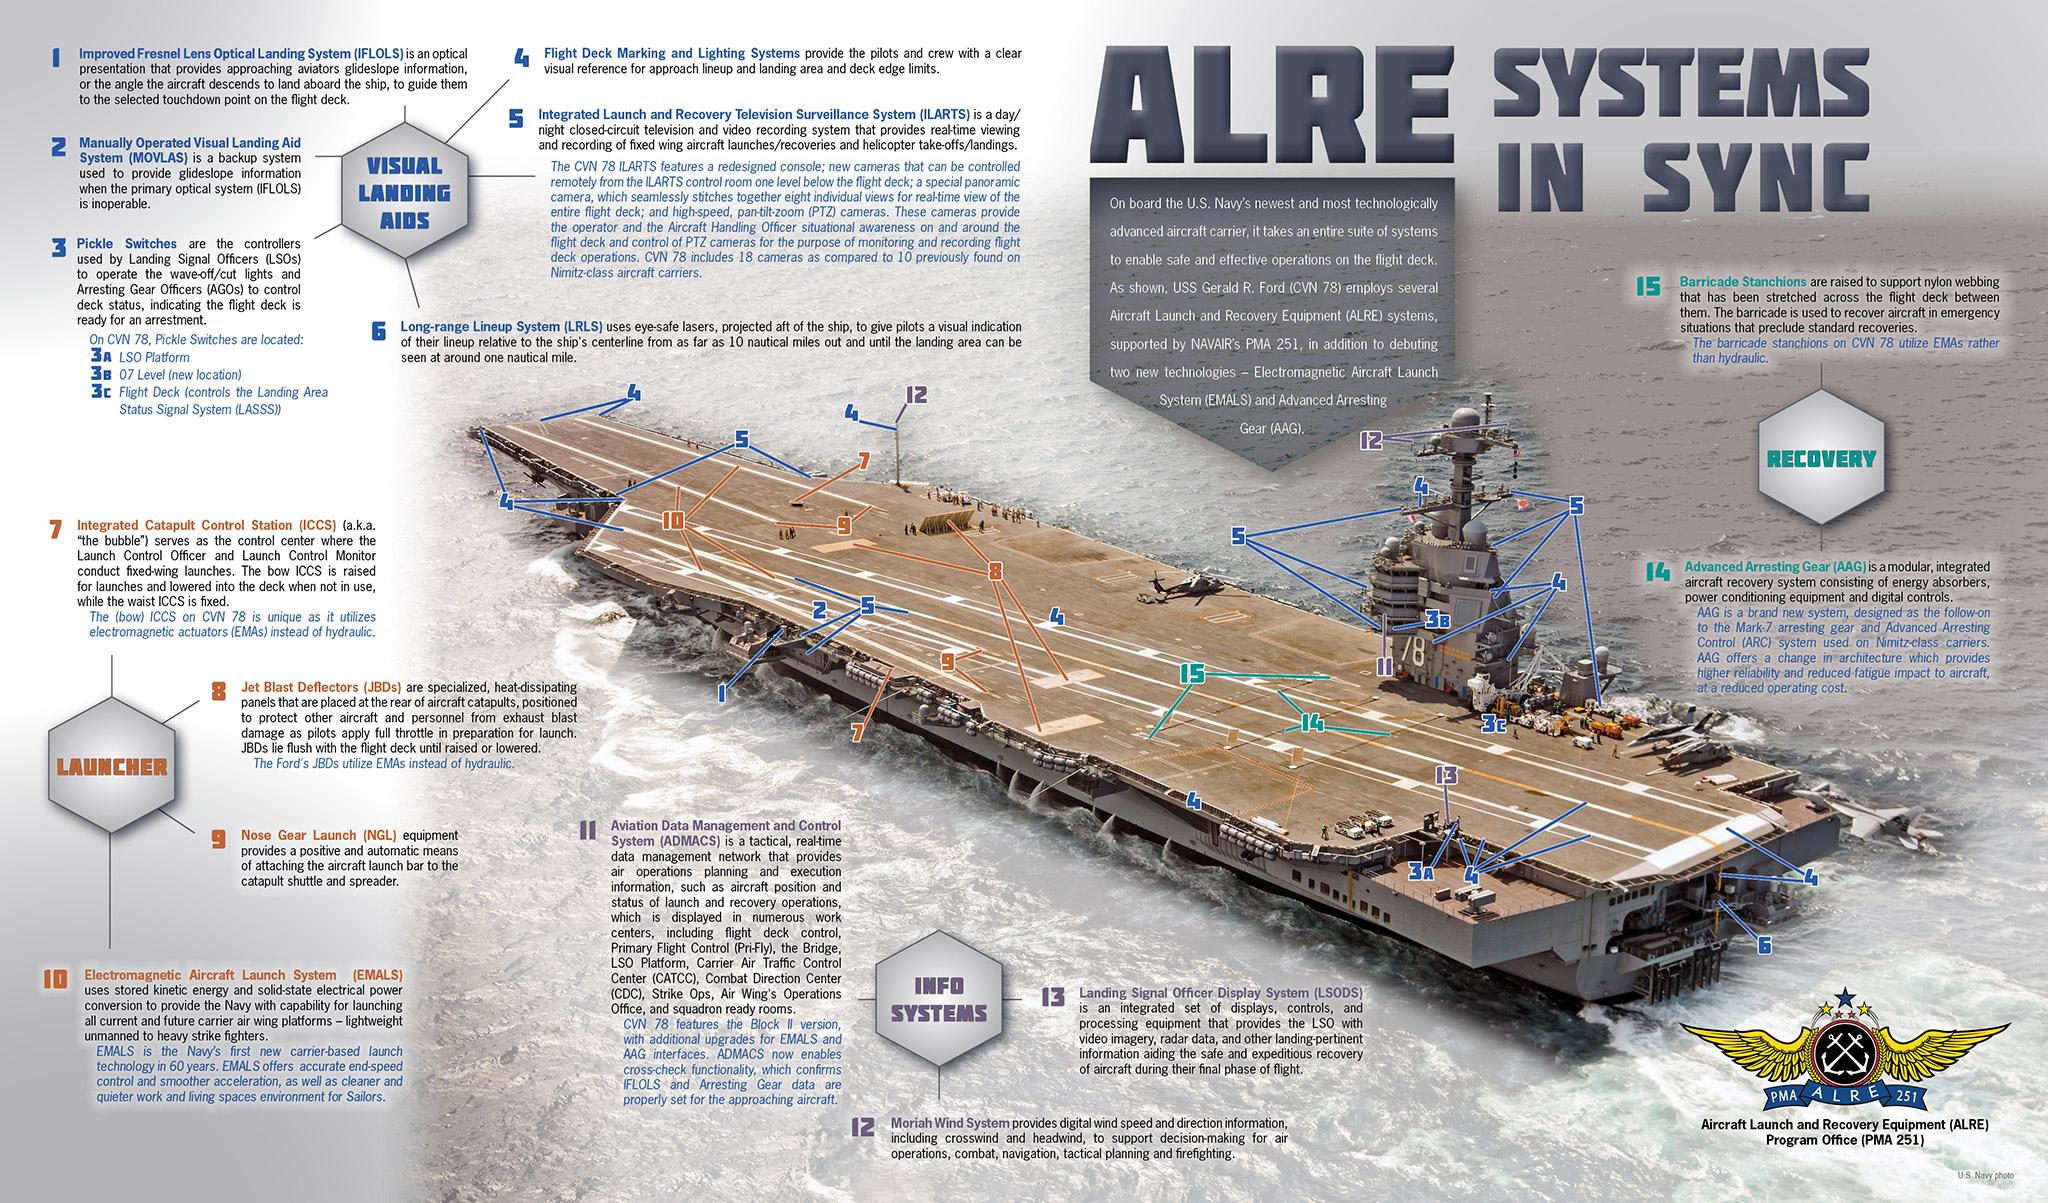 Infografika pokazująca systemy odpowiedzialne za start i lądowanie samolotów na lotniskowcu USS Gerald R. Ford (CVN 78) (US Navy)